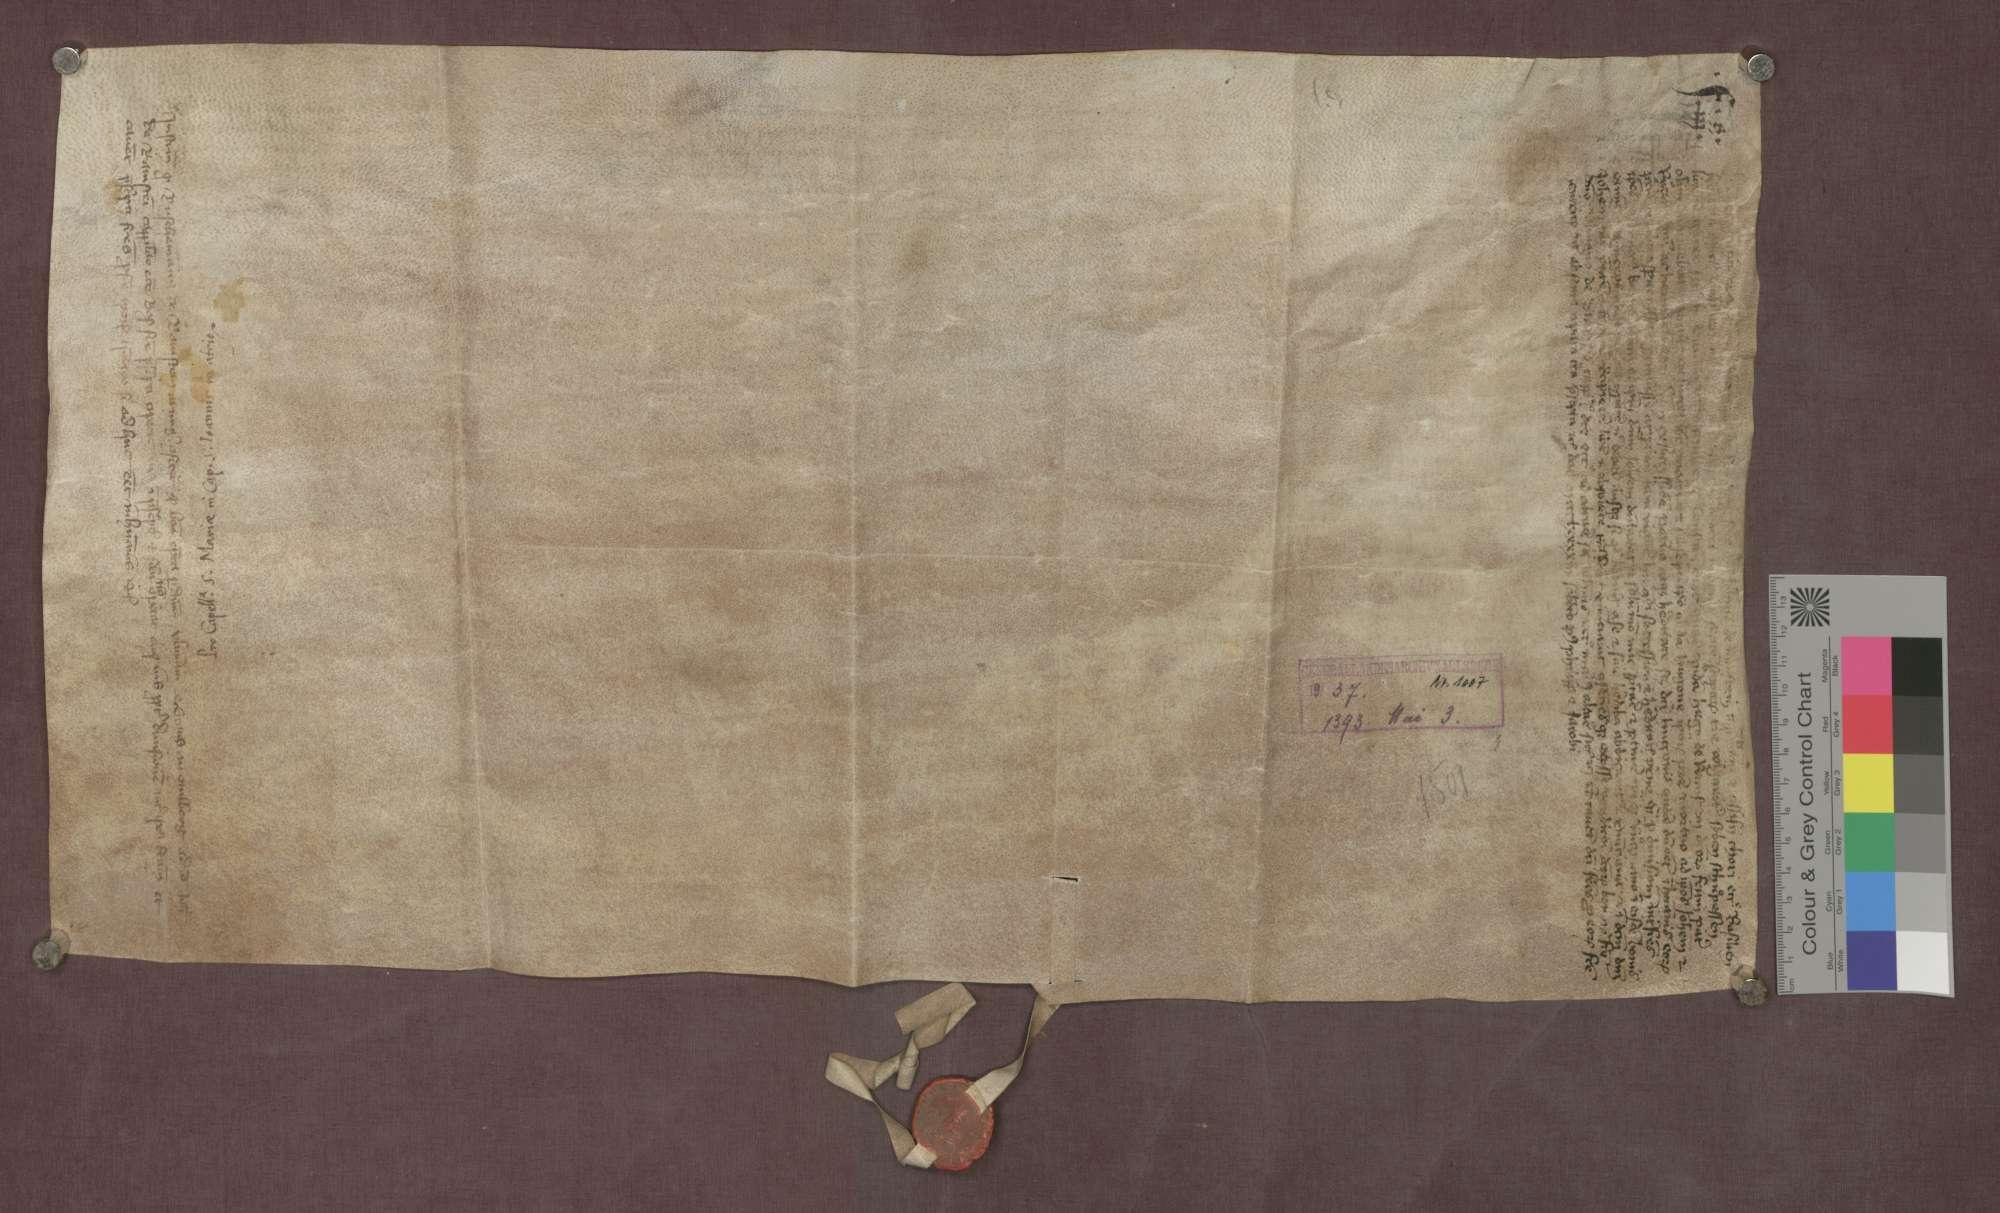 Johannes und Rutschmann von Ramstein verkaufen 7 Schupposen in Maulburg an Ulmann von Stans, Kaplan des Johannes-Baptist-Altars im Basler Münster., Bild 2